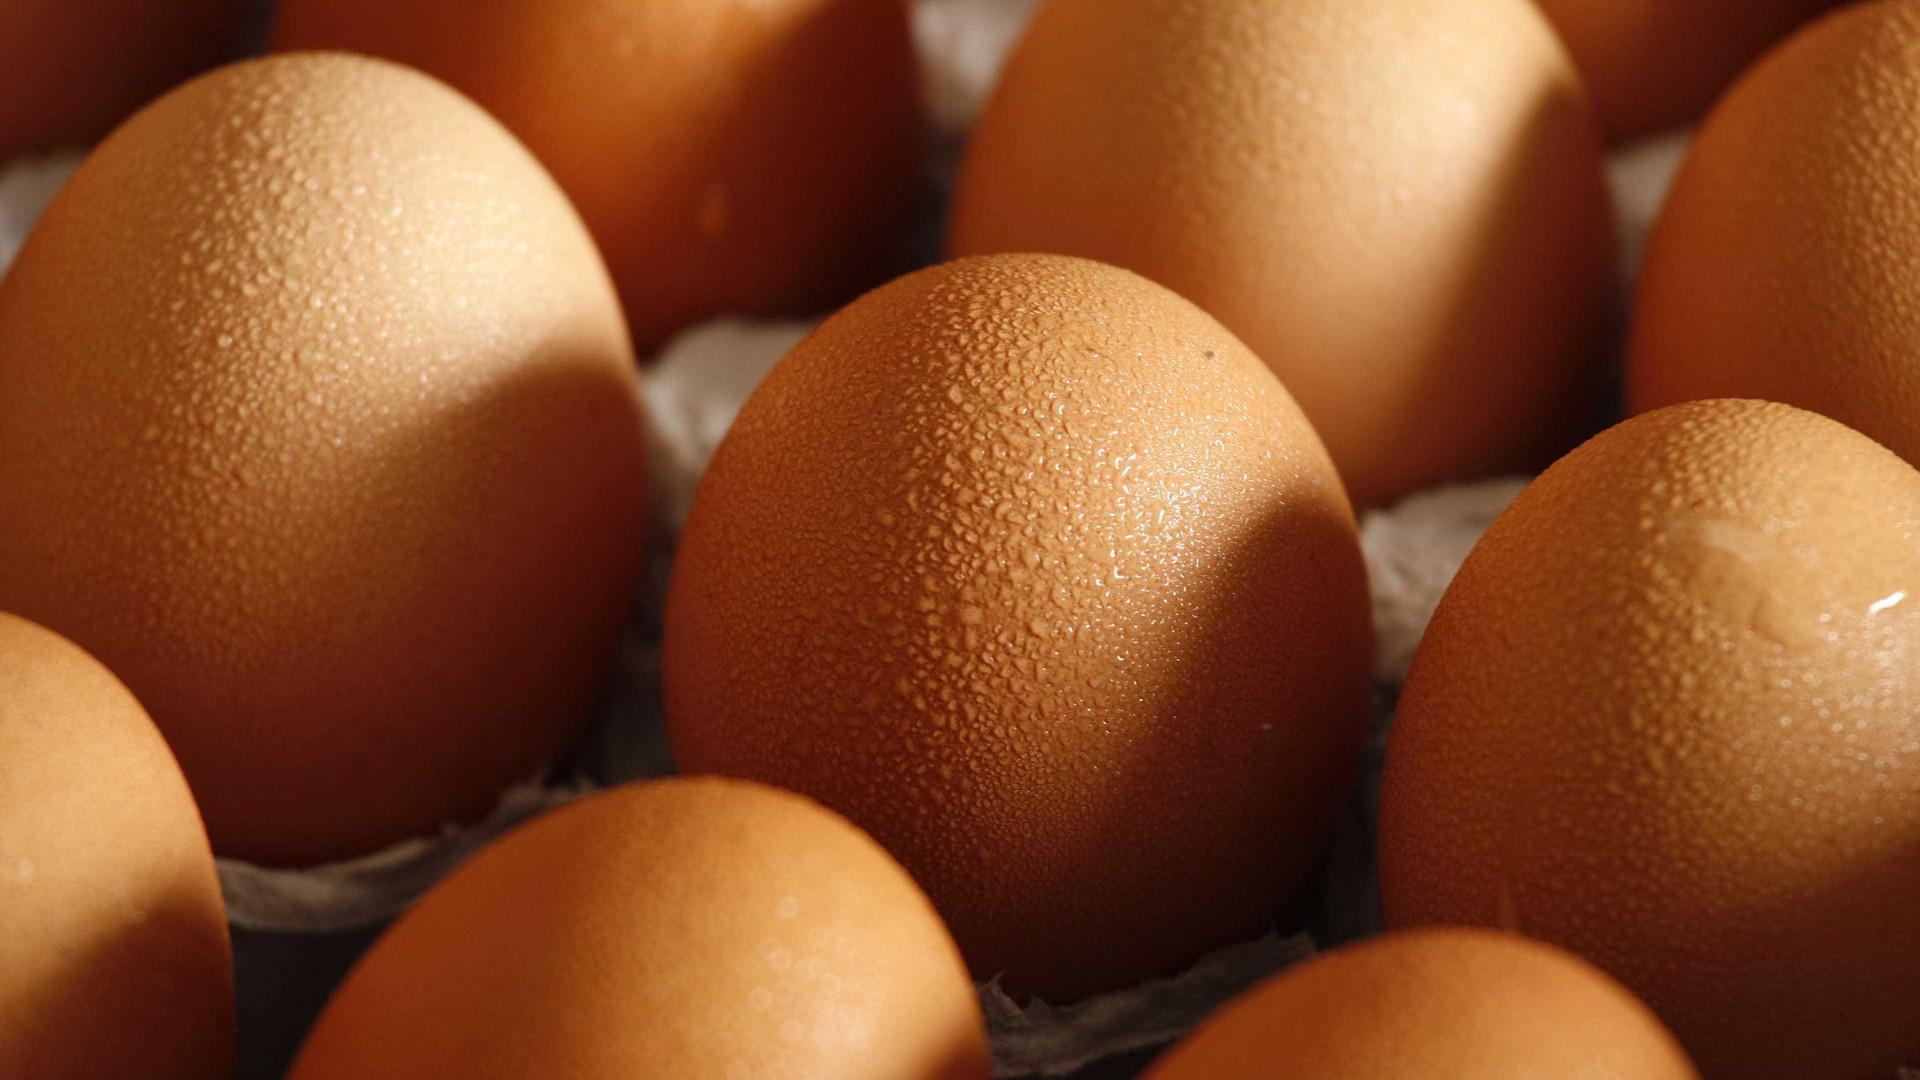 Lançado alerta por causa de ovos contaminados. Europa acompanha caso